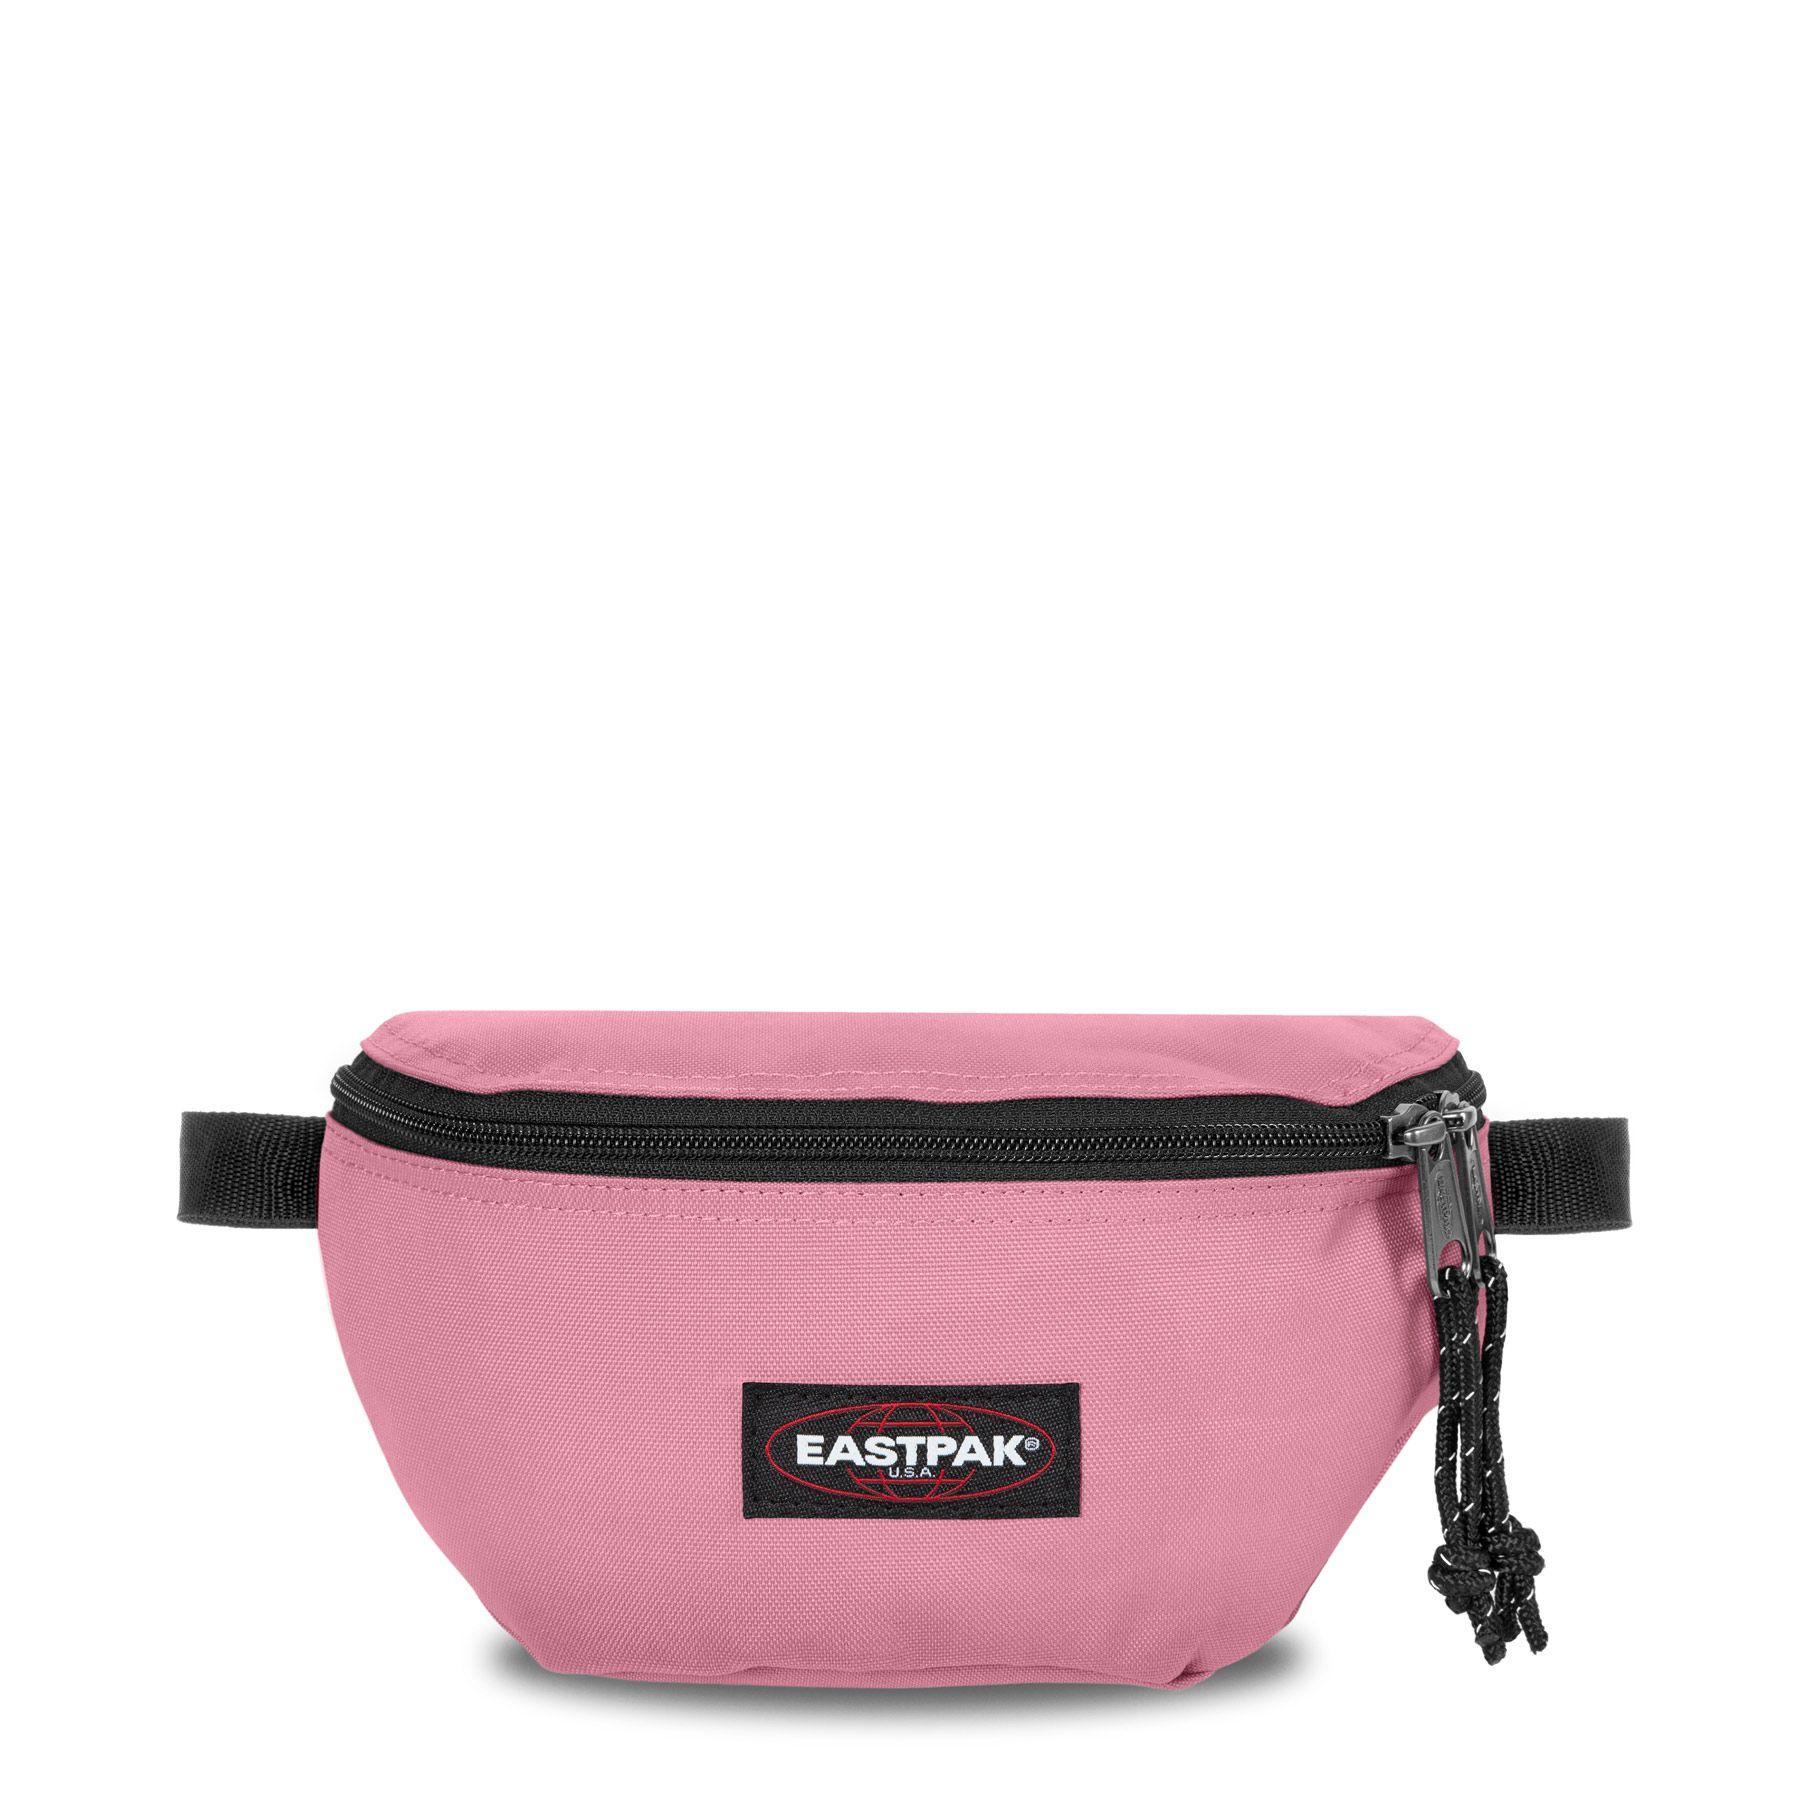 Riñonera Eastpak springer crystal pink  K074 B56